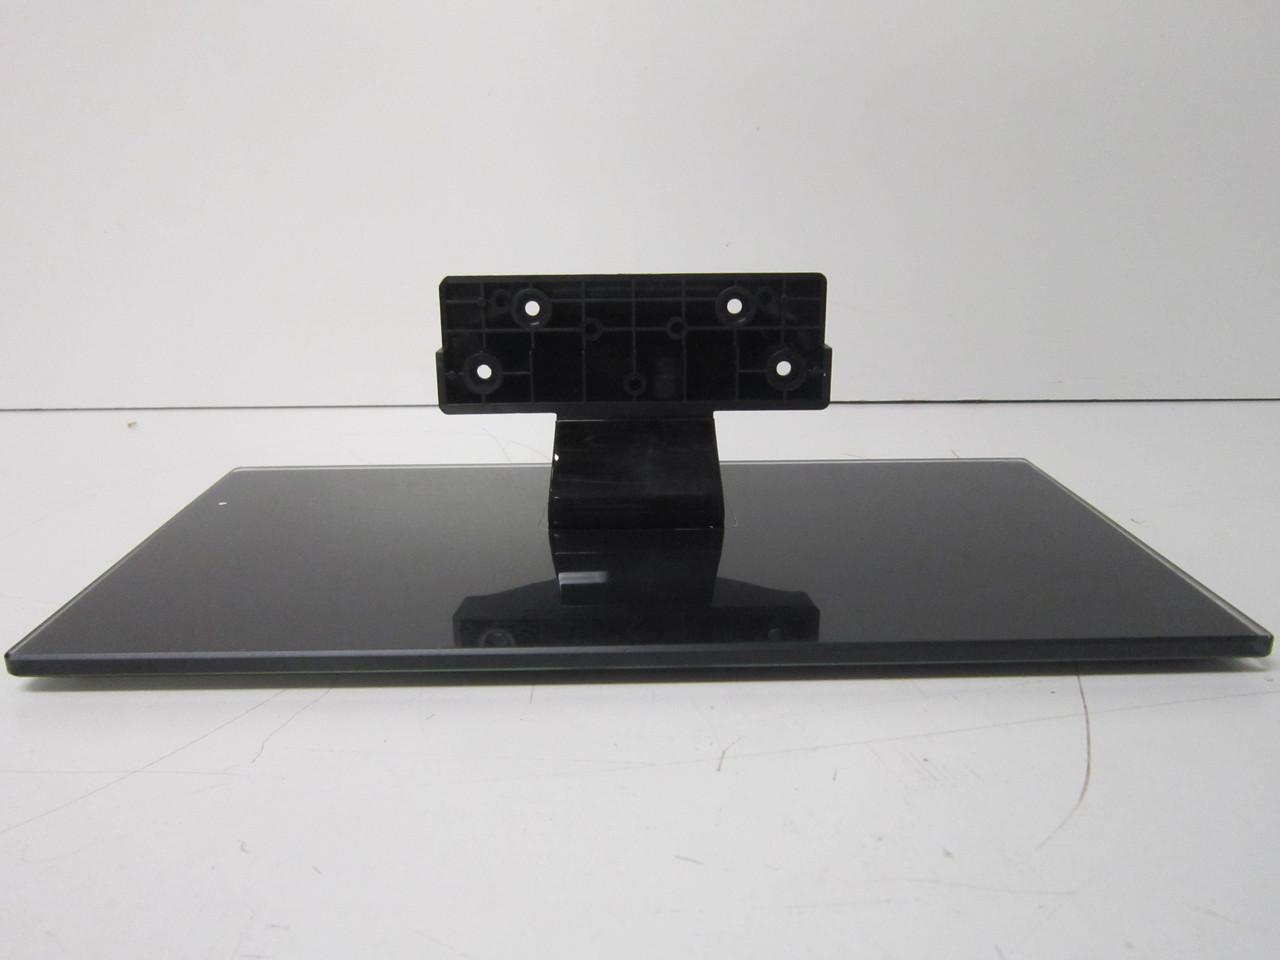 finest selection 6fccf 02590 JVC LT-32DE75 Pedestal Stand 32M16